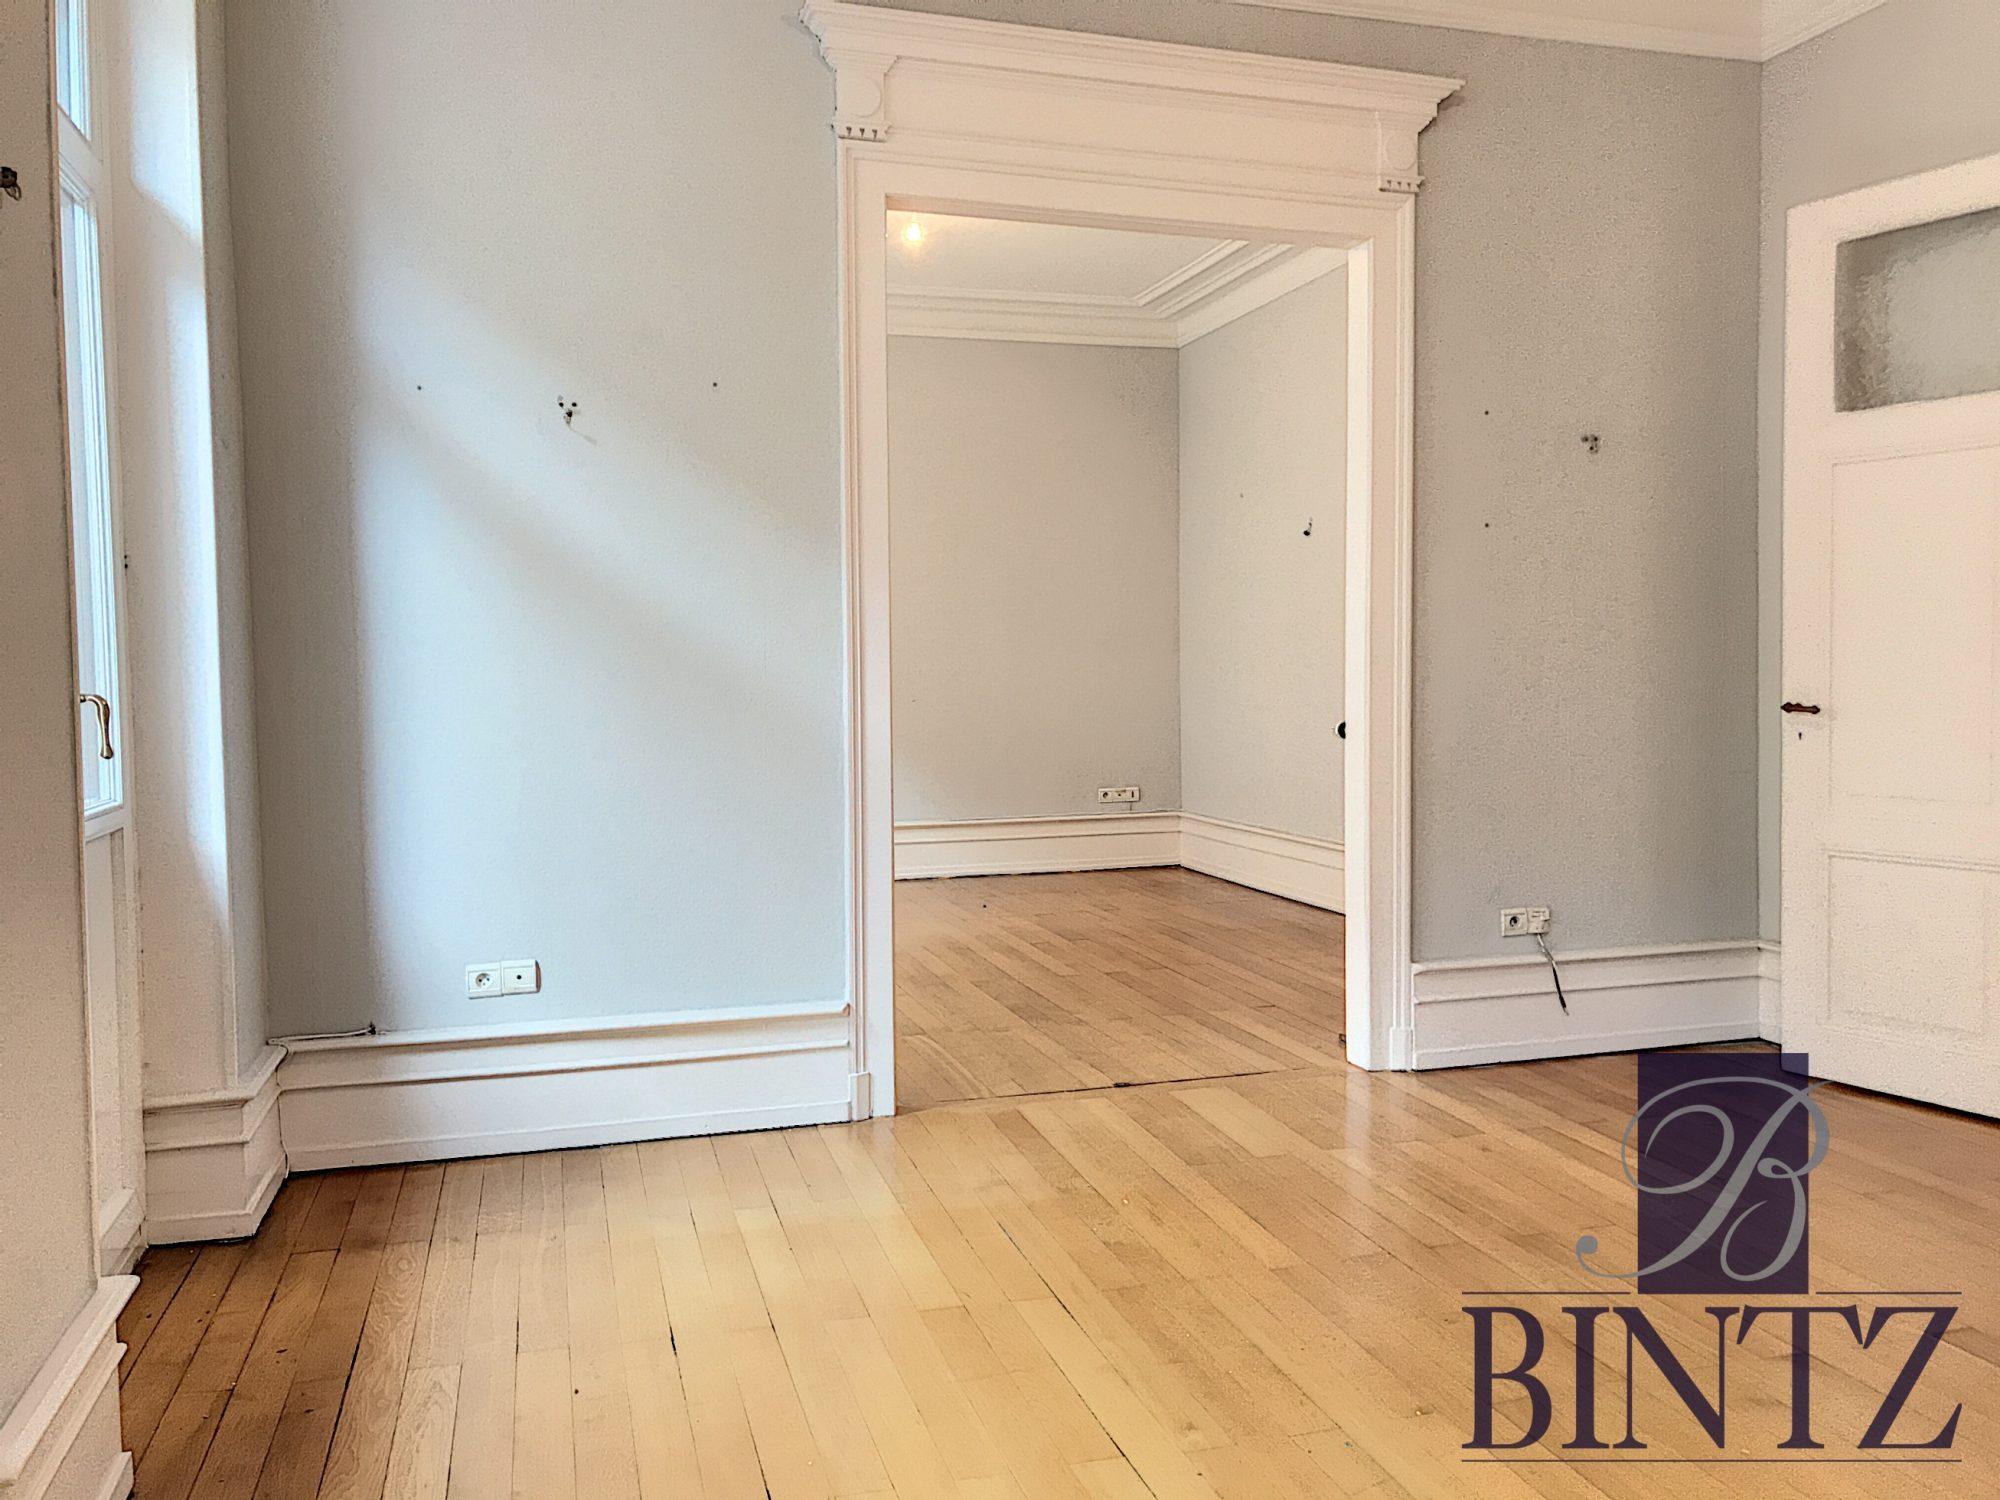 5 PIÈCES QUARTIER CONTADES AVEC 2 BALCONS - Devenez propriétaire en toute confiance - Bintz Immobilier - 5